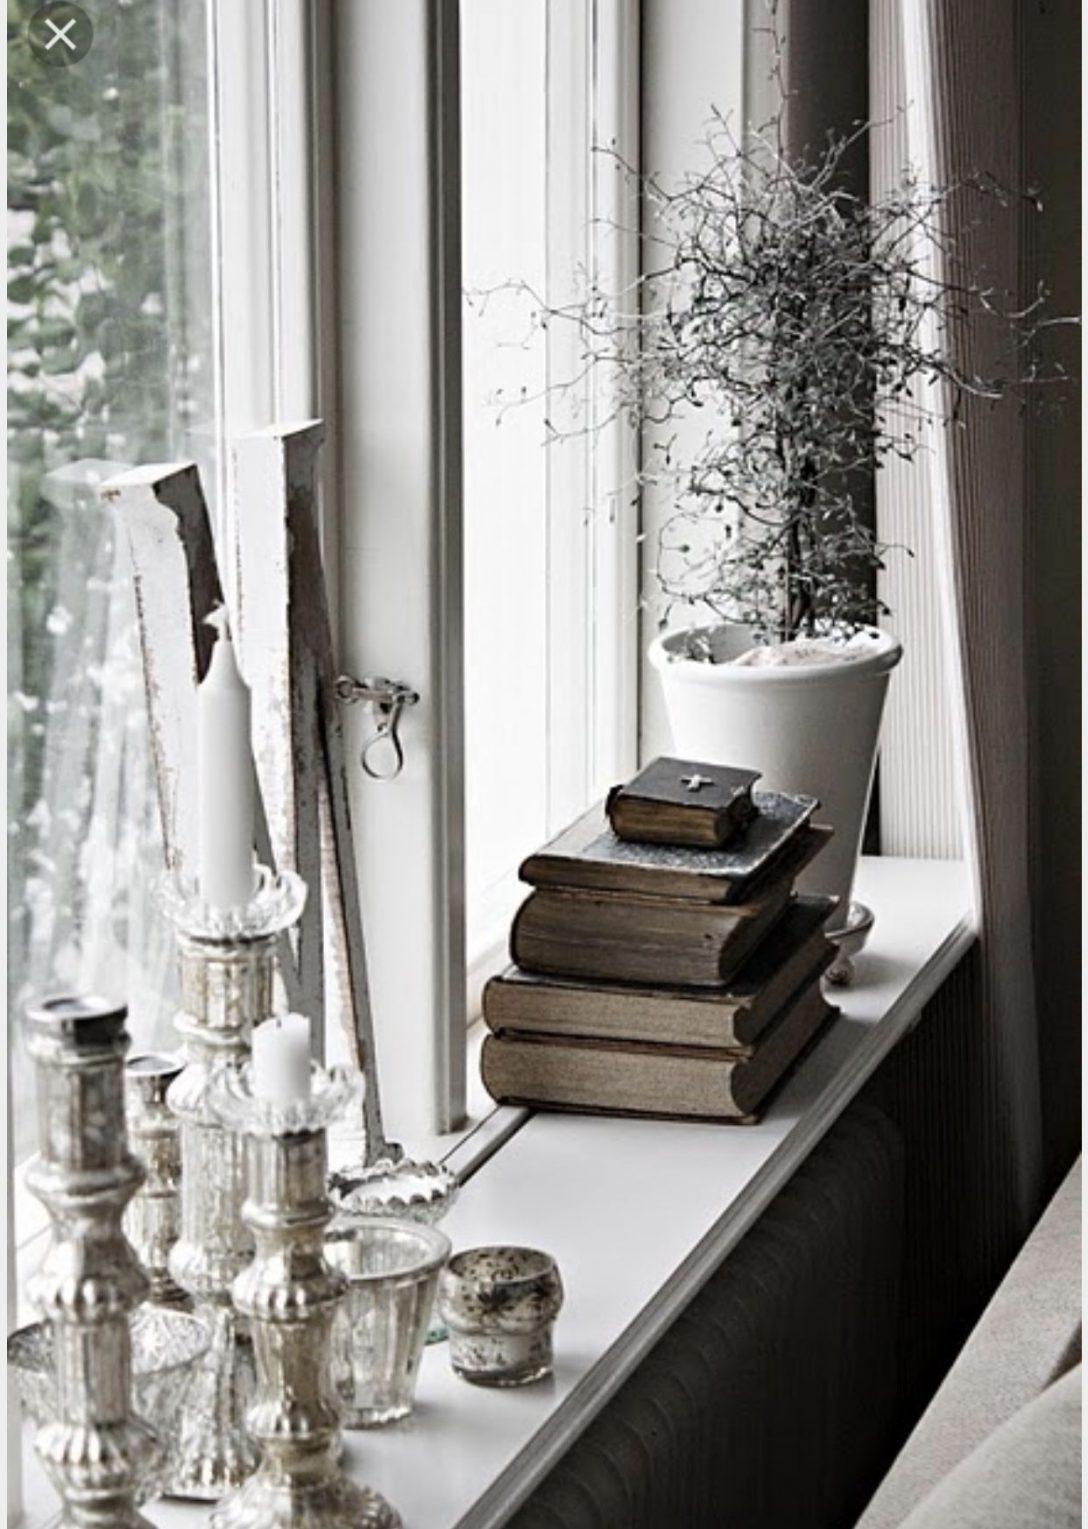 Large Size of Fensterbank Dekorieren Pin Von Riikka Auf Sisustusideoita Fenster Dekor Wohnzimmer Fensterbank Dekorieren